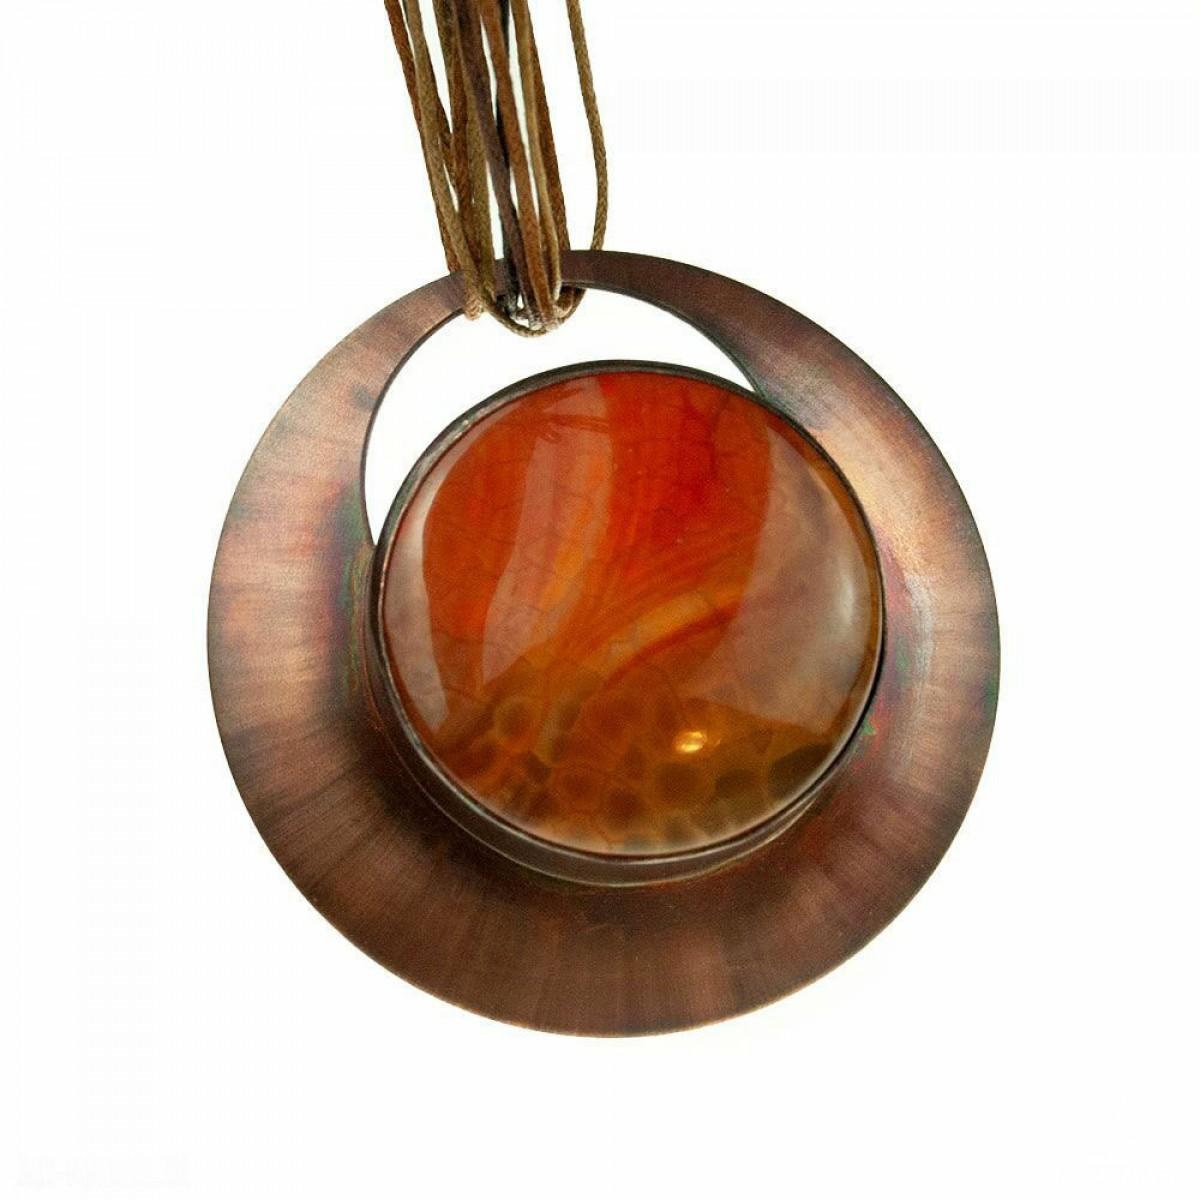 Esencja pomarańczu naszyjnik miedziany c602